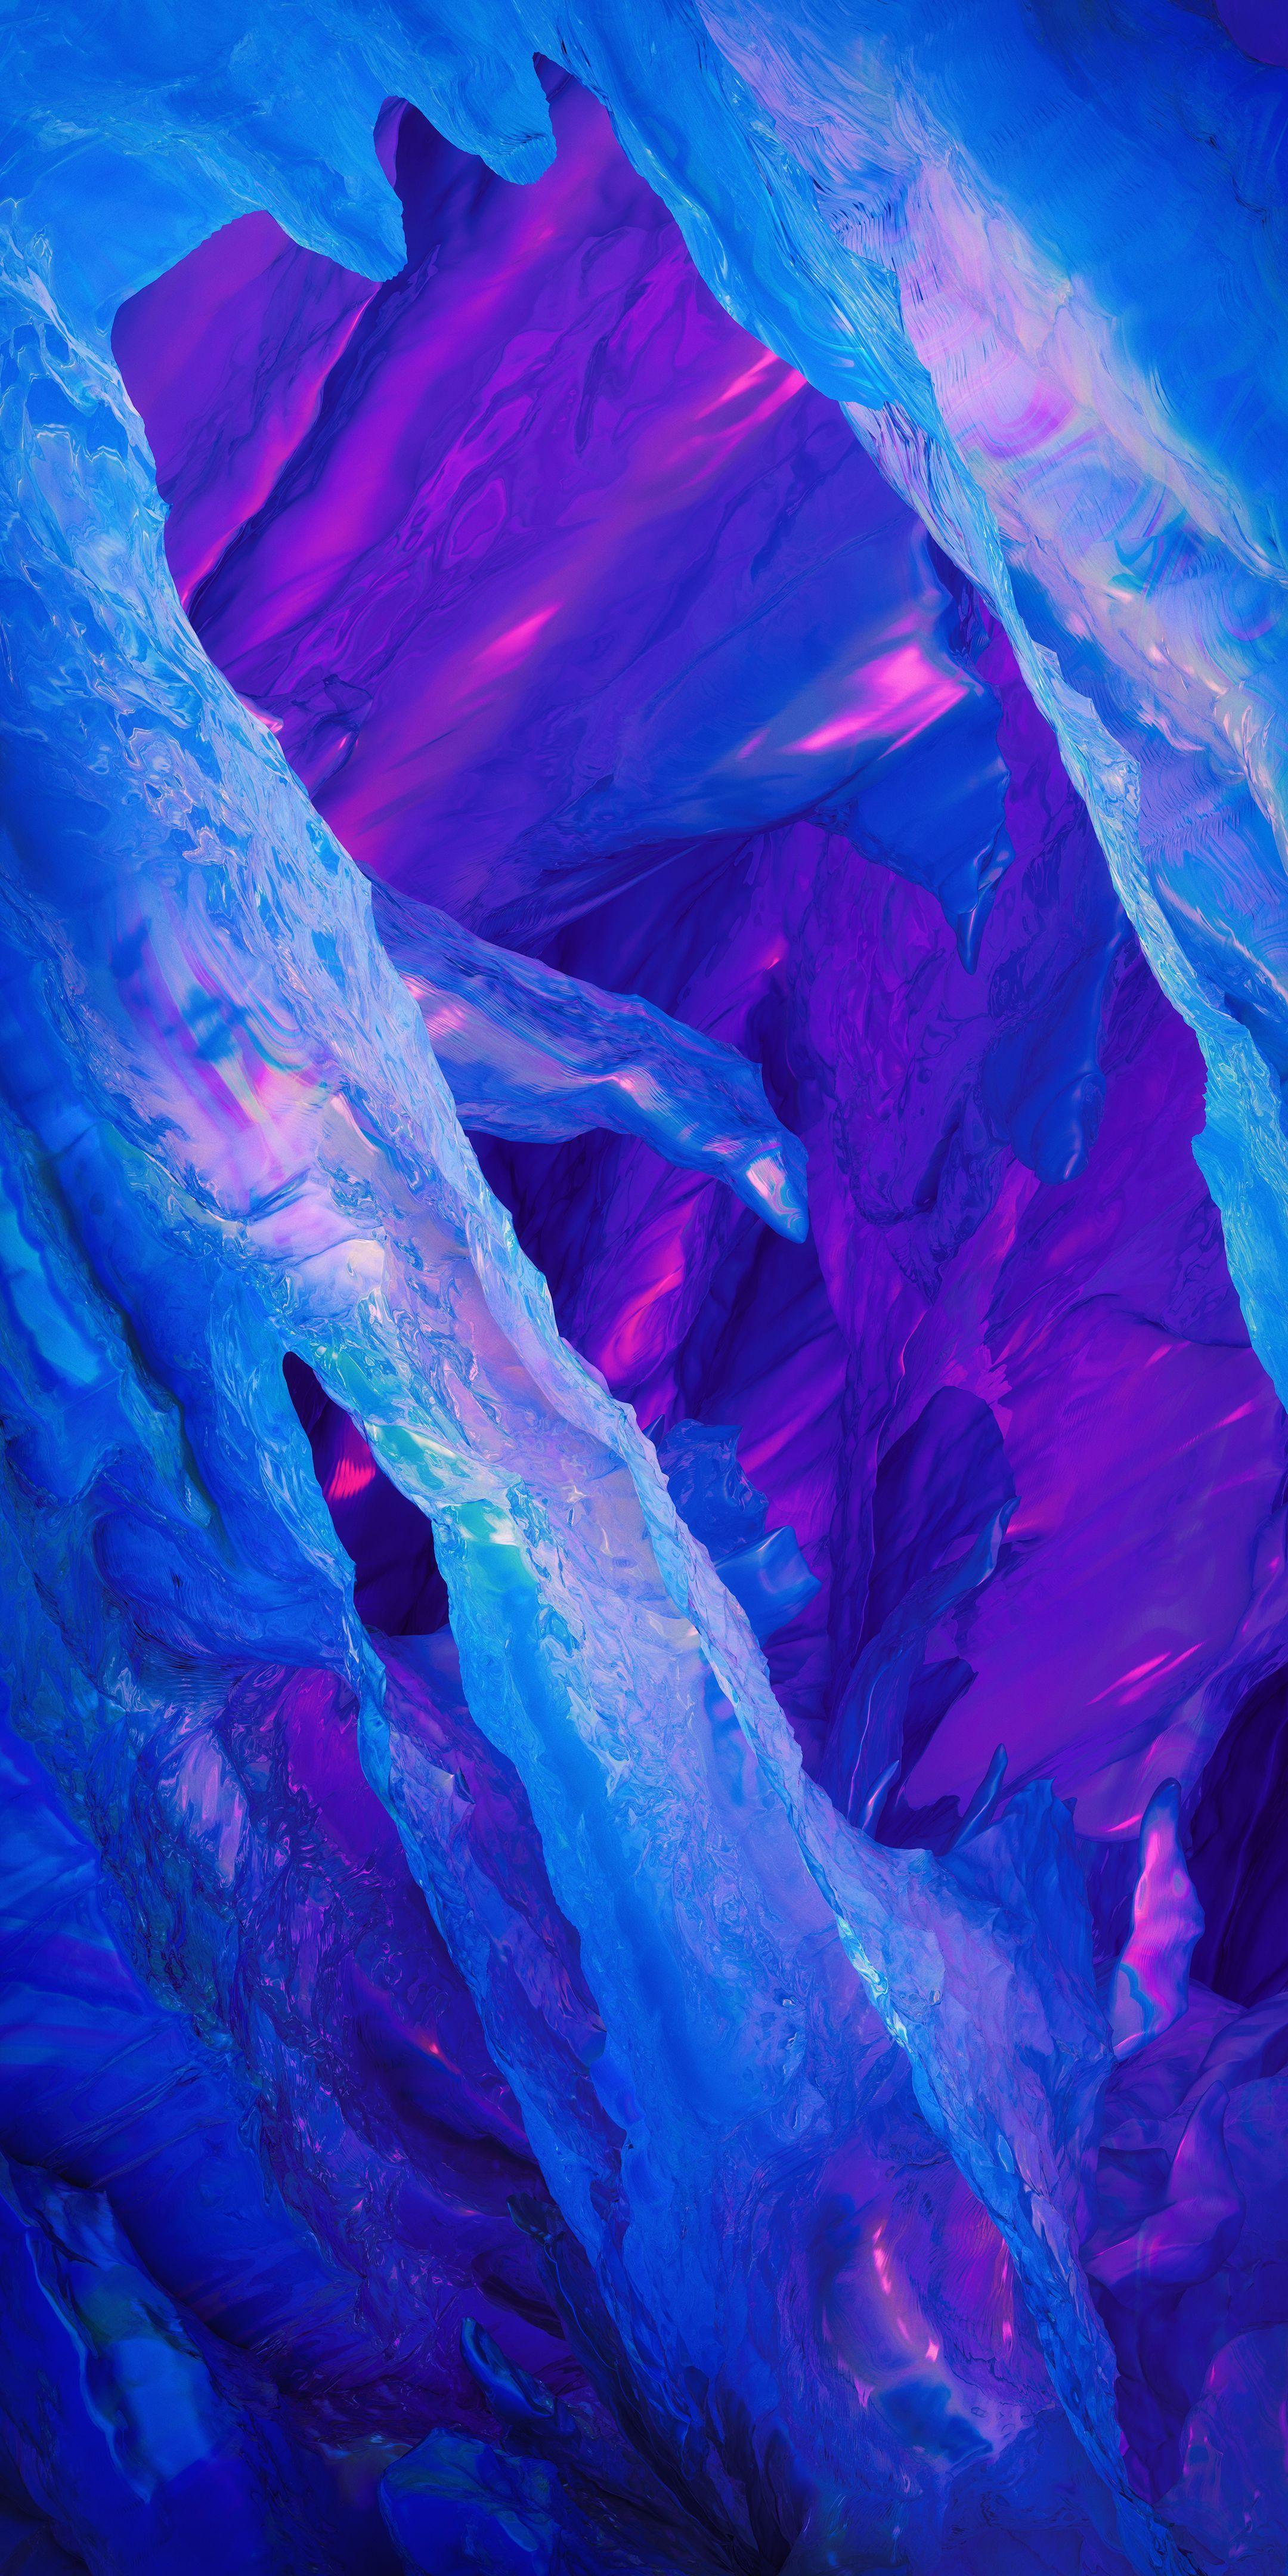 4k Purple Wallpapers Top Free 4k Purple Backgrounds